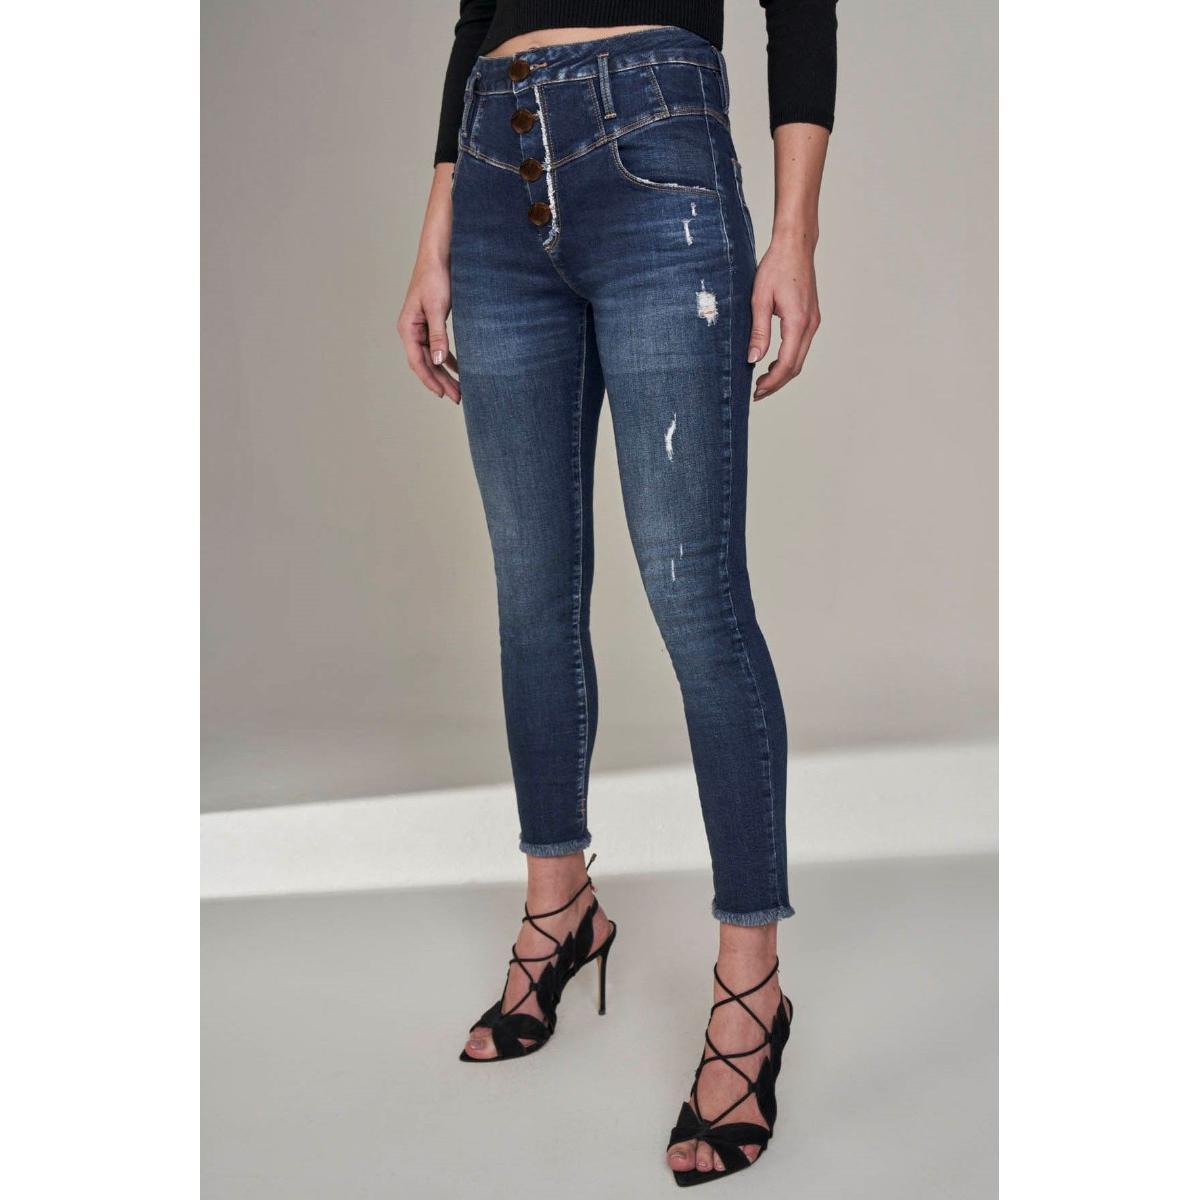 Calça Feminina Lado Avesso L115117 Jeans